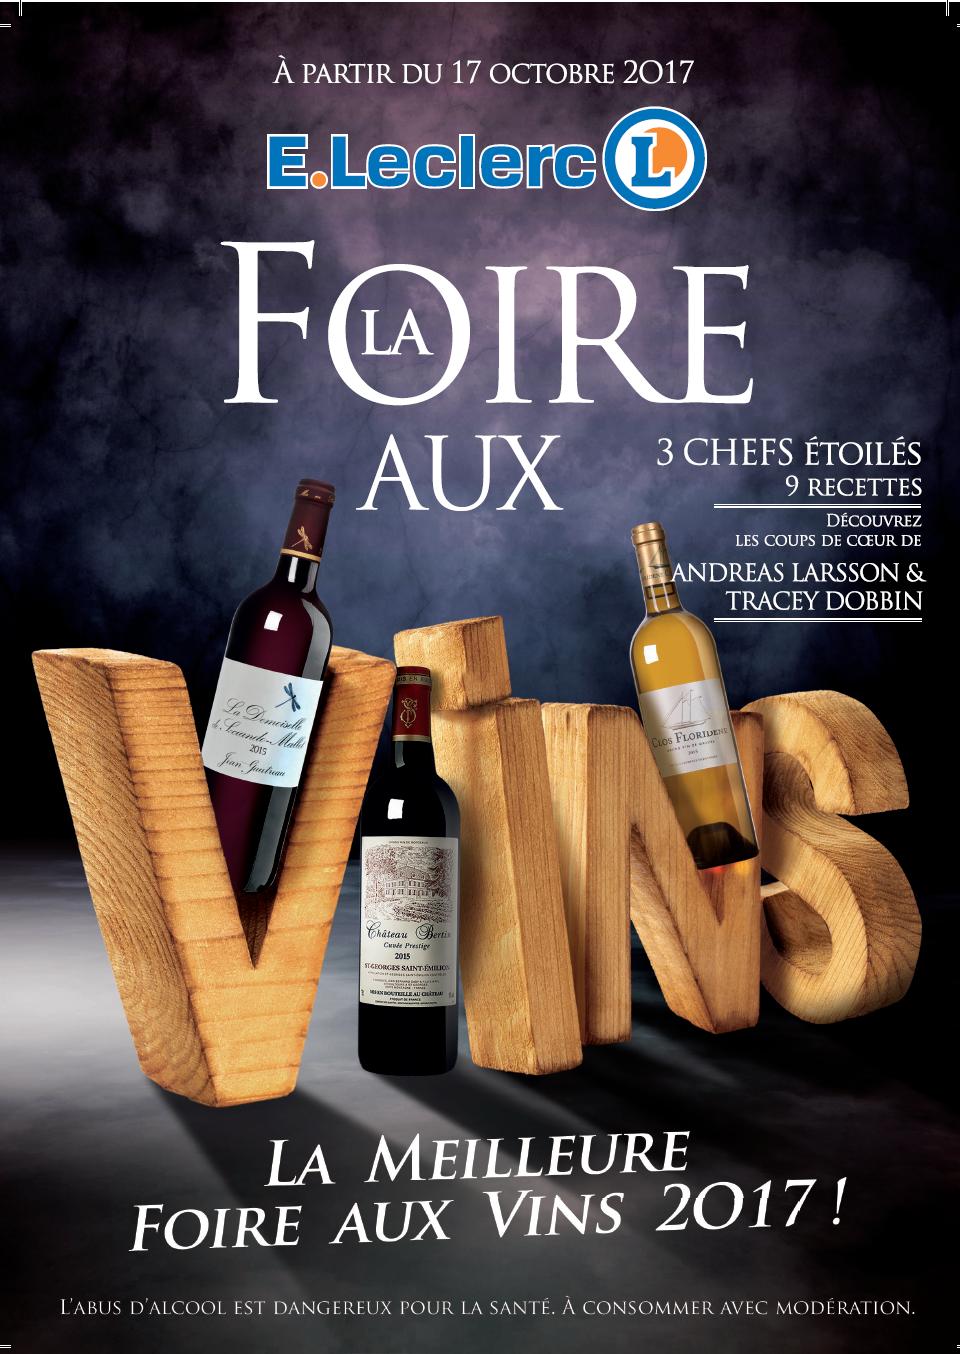 Foire aux vins leclerc 2017 for Foire de moulins 2017